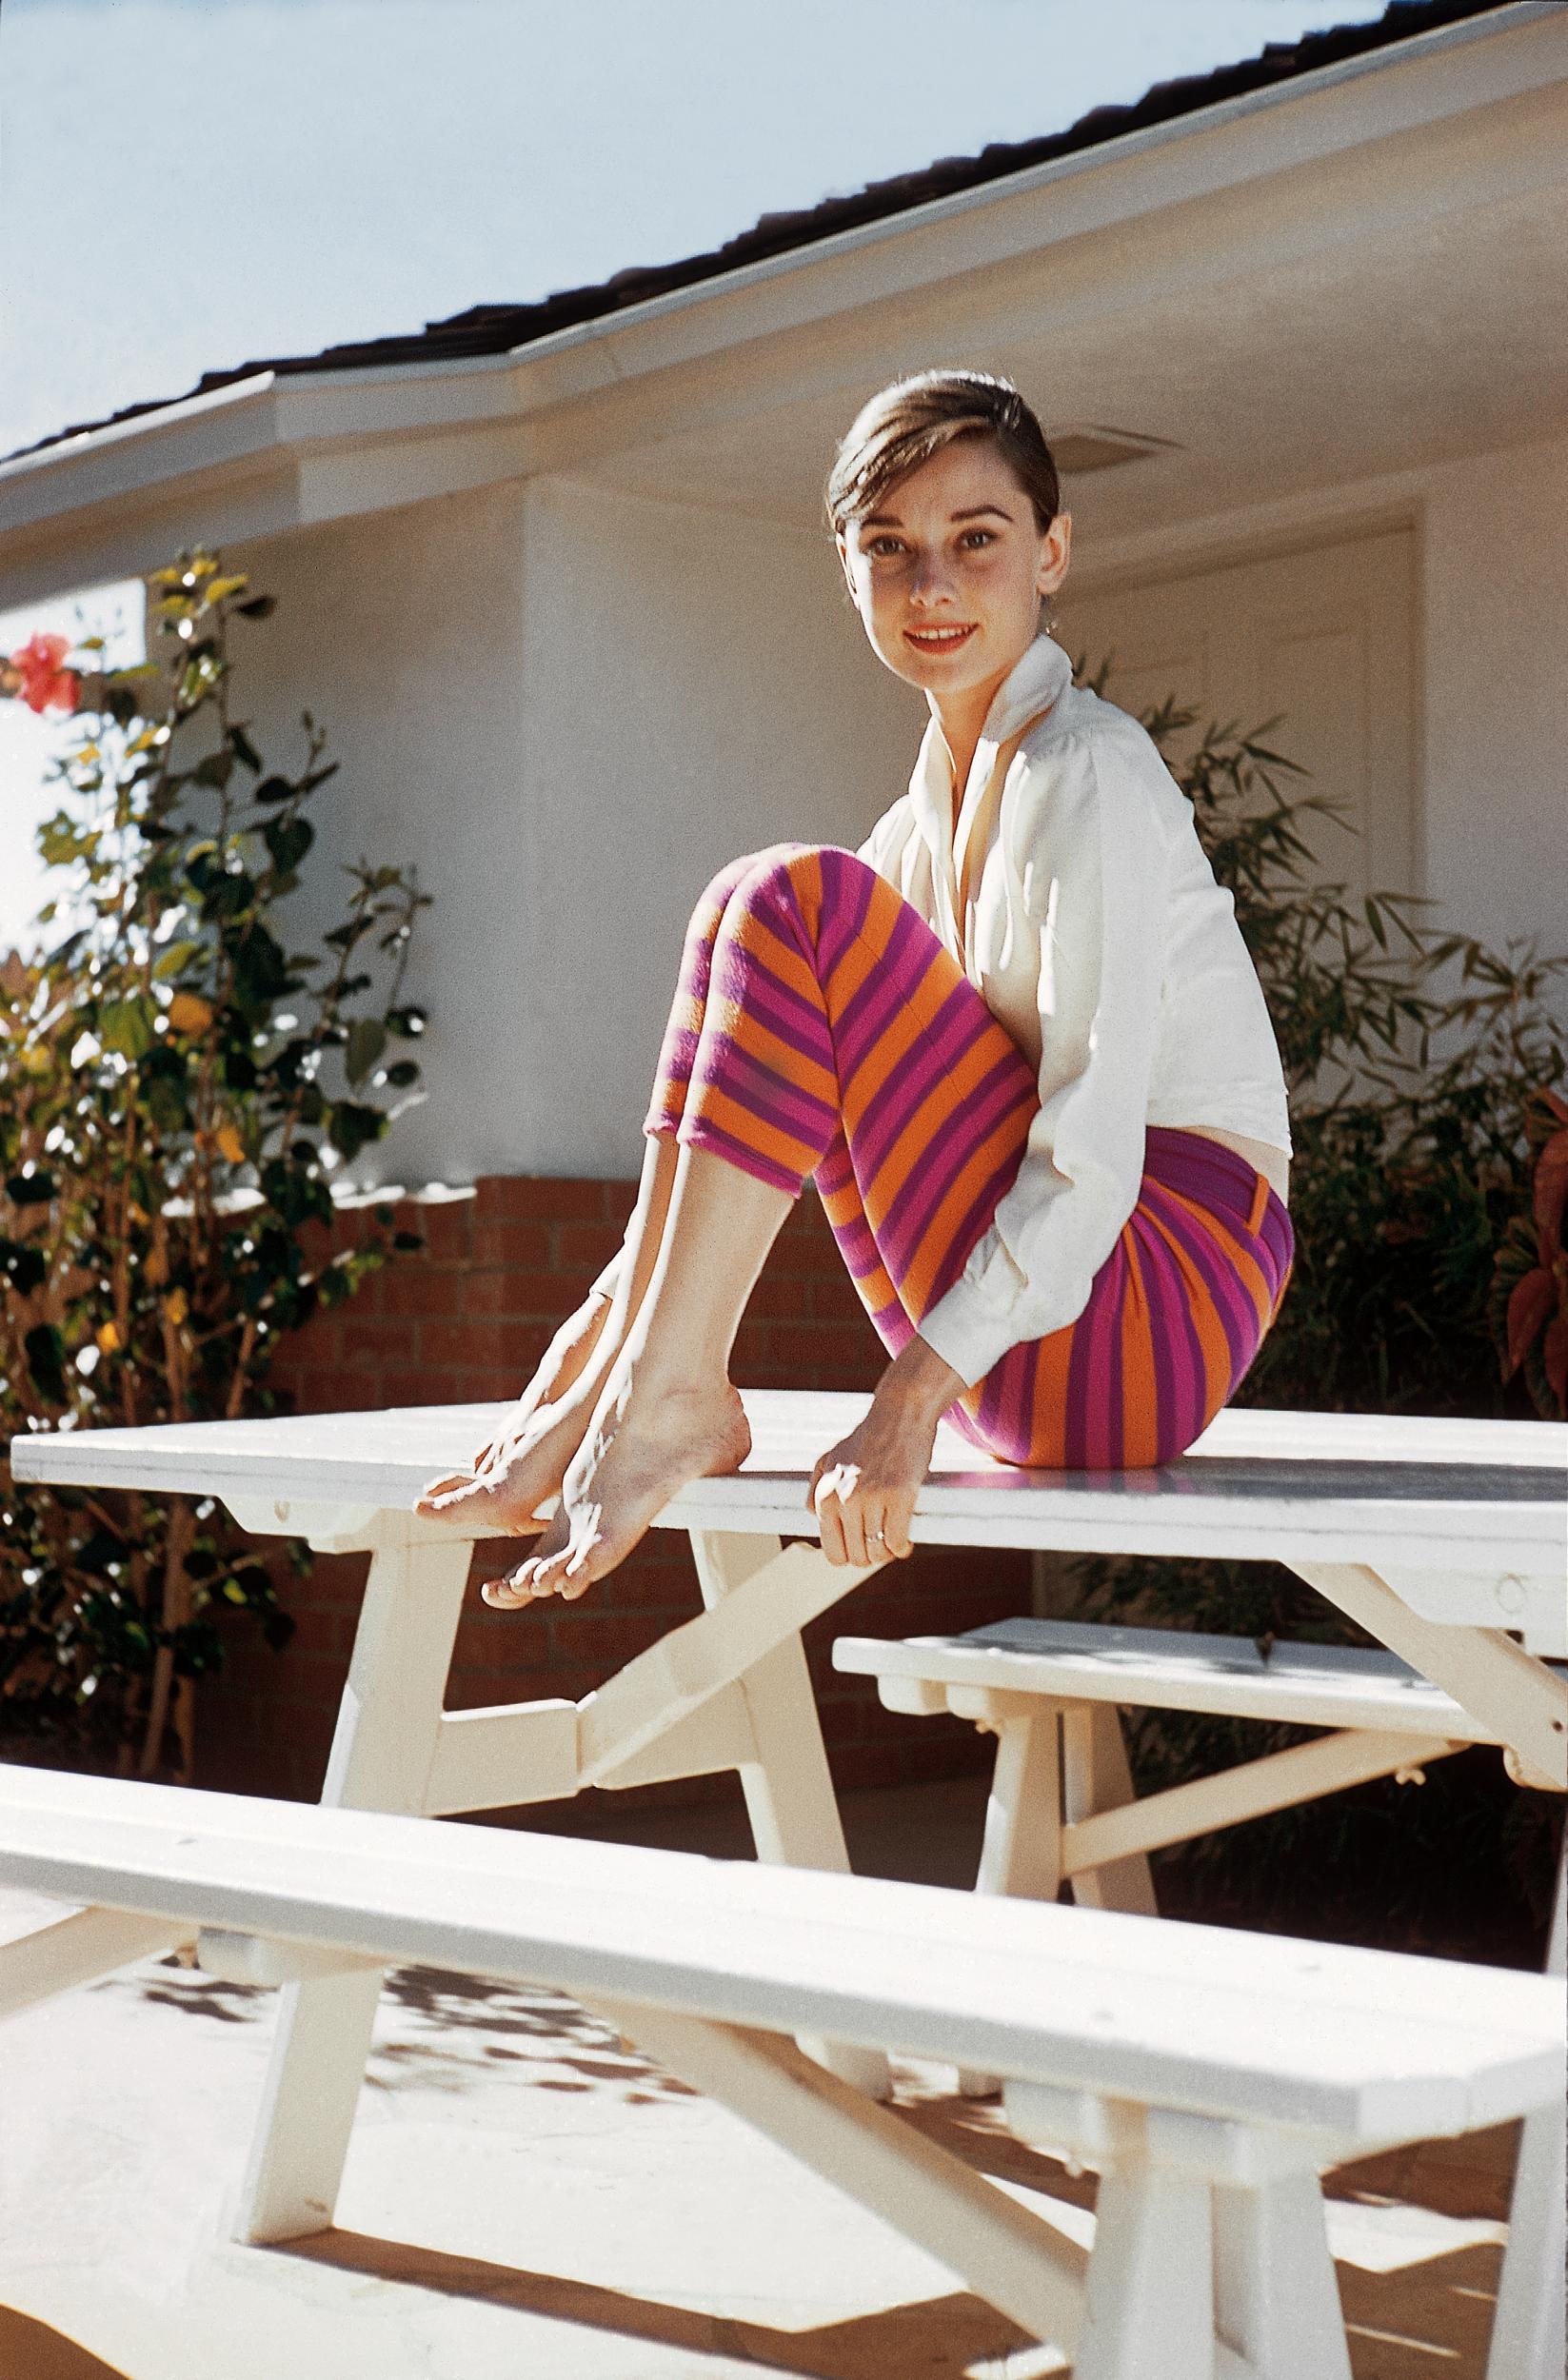 Thời trang Hè - Audrey Hepburn mặc áo sơ mi trắng và quần kẻ sọc màu sắc